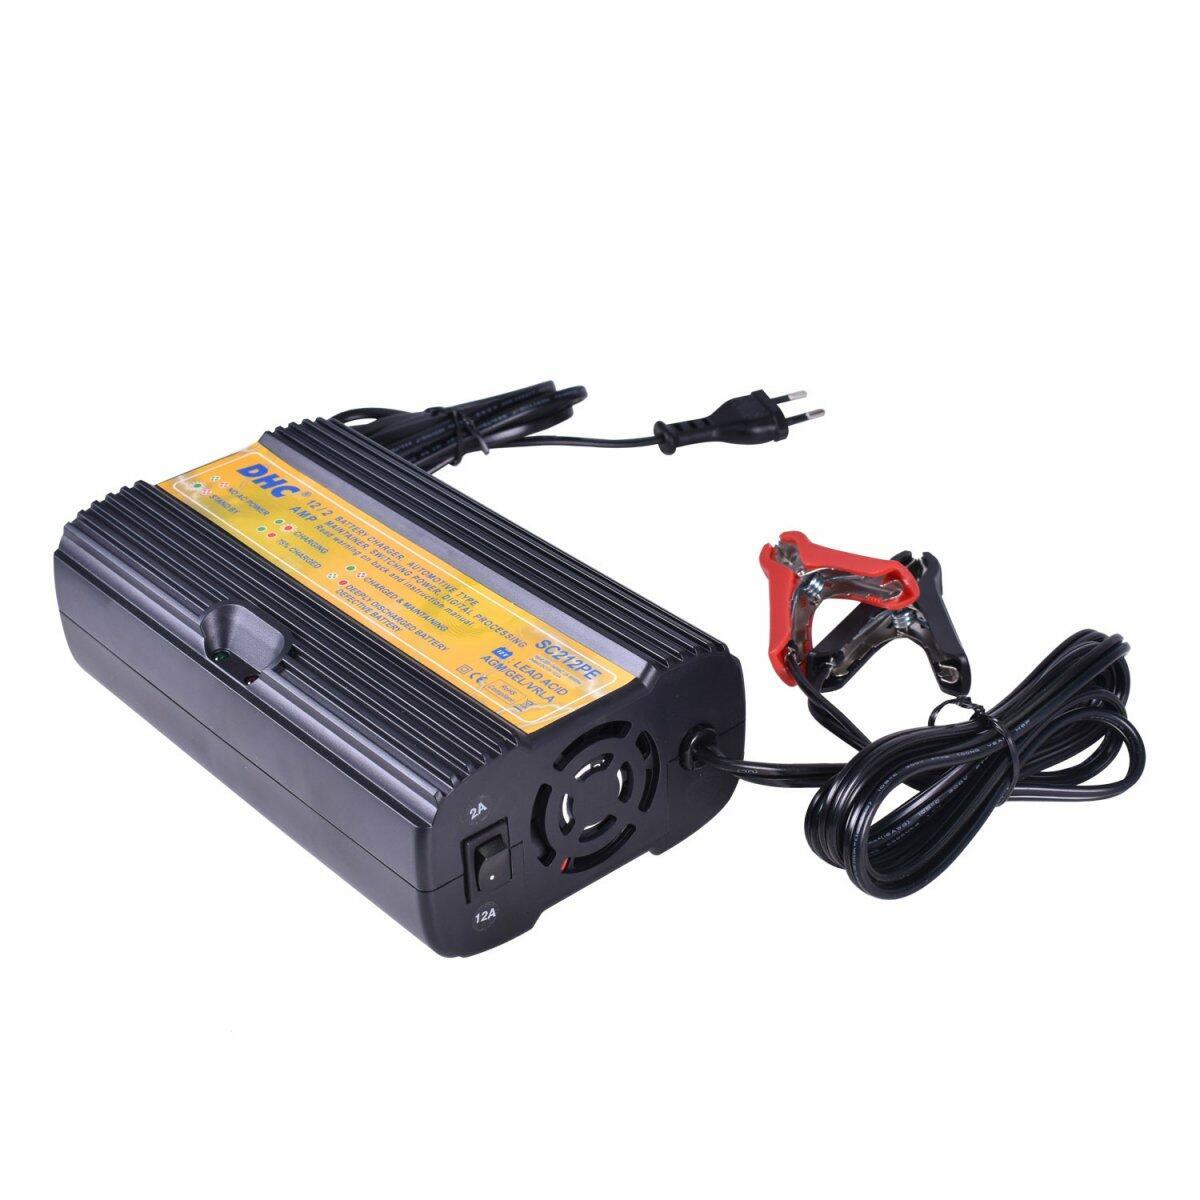 Carregador de Bateria de Carro e Moto 12V SC 212 Alfatest - 220V